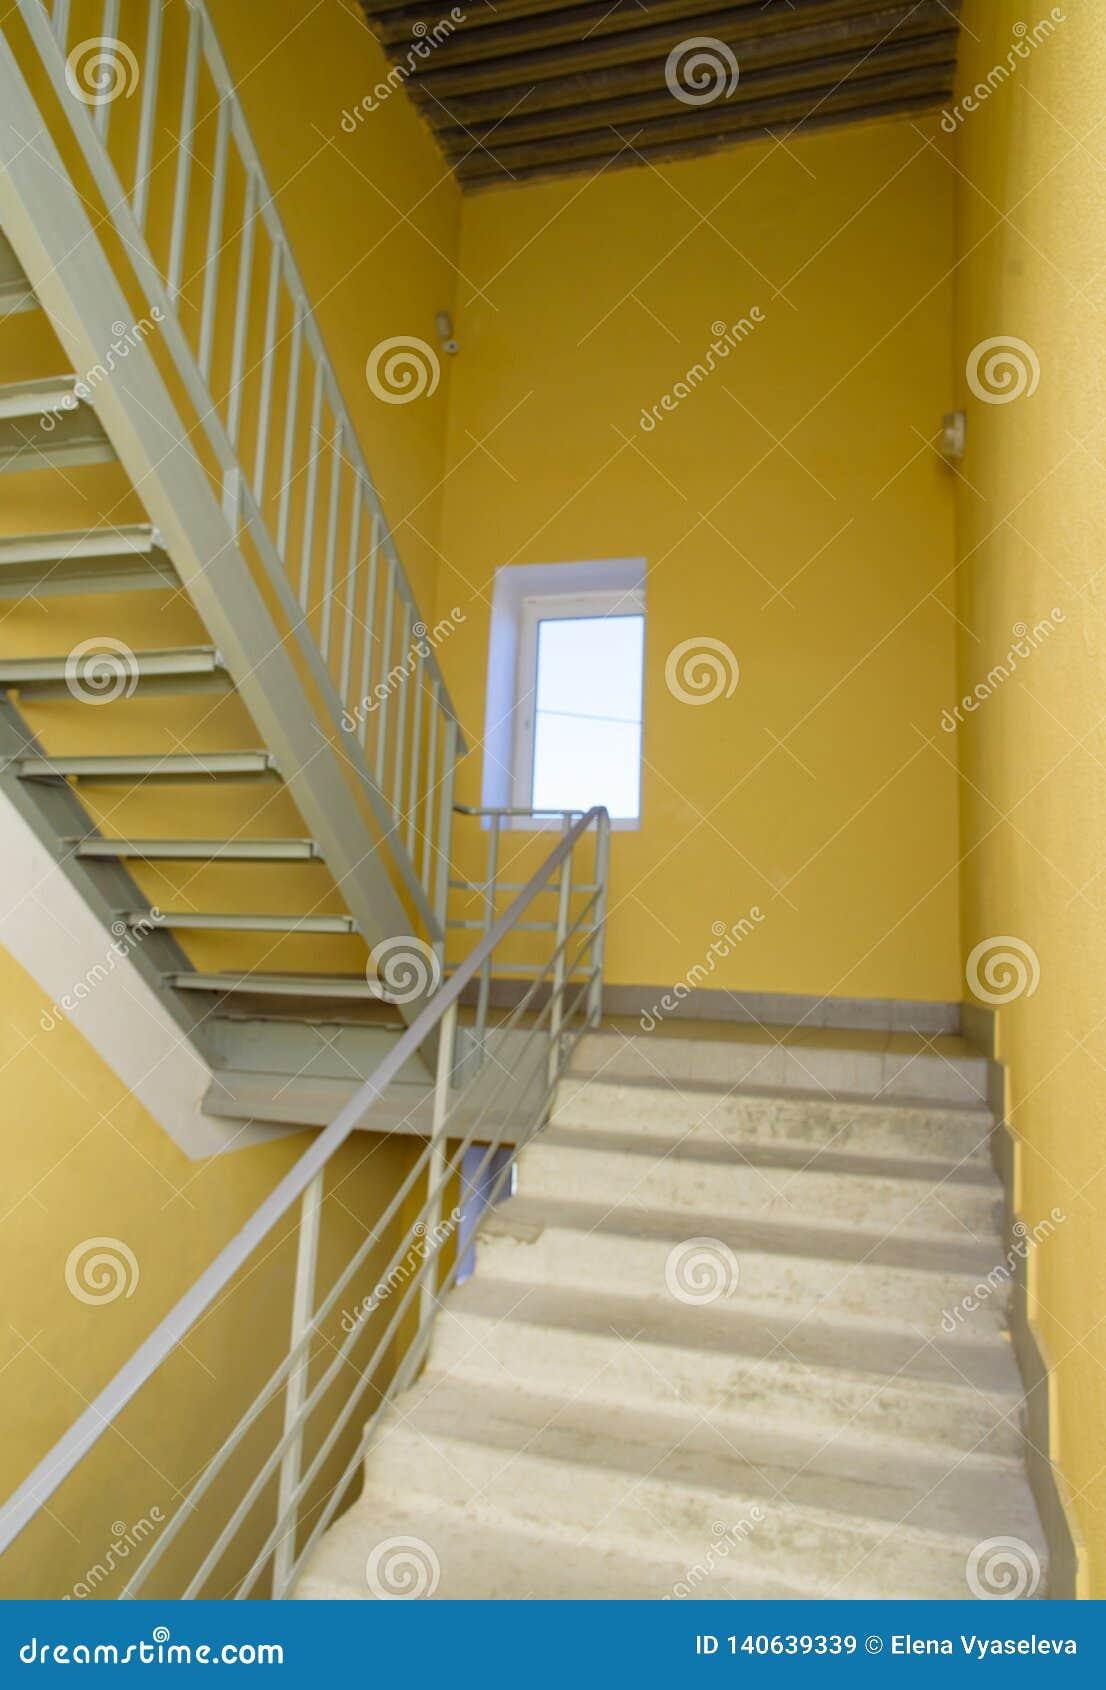 Schodki w budynku korytarzu schody w nowożytnym gospodarki klasy domu